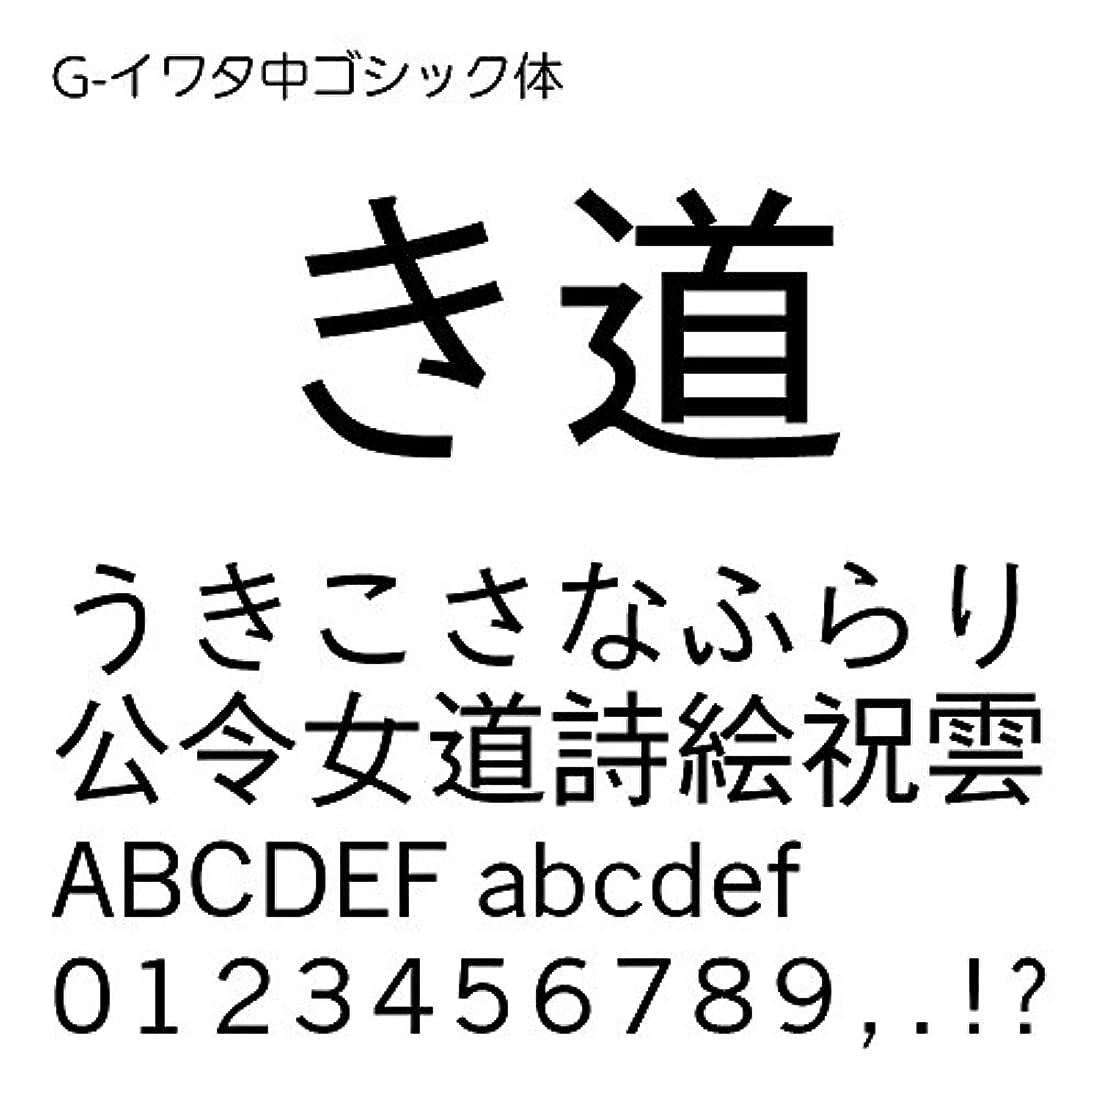 G-イワタ中ゴシック体 TrueType Font for Windows [ダウンロード]